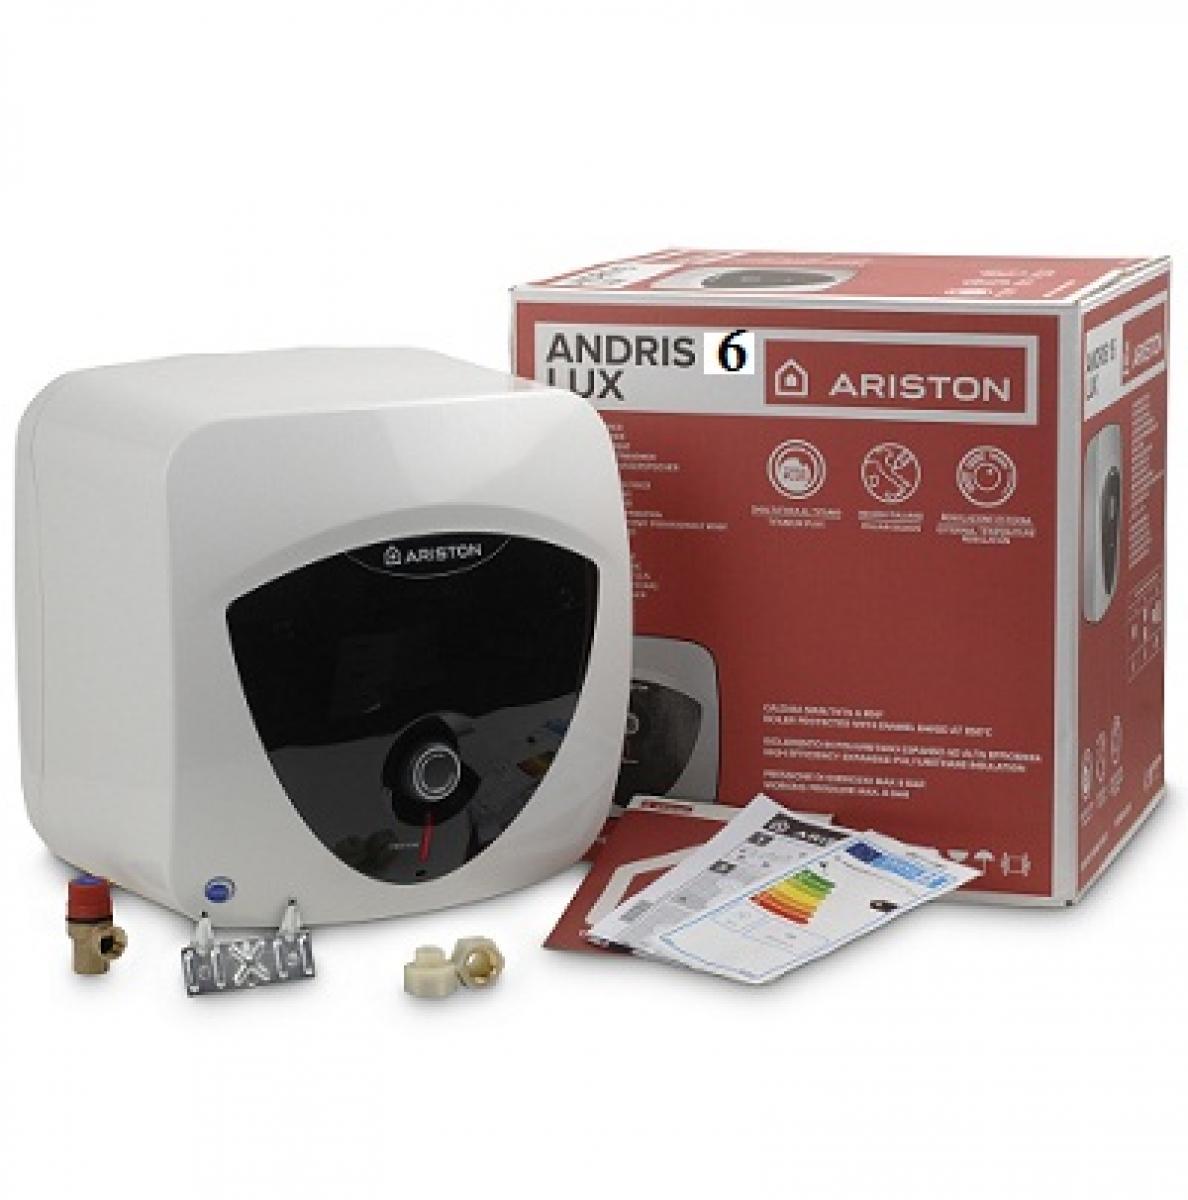 Bảng giá Bình nóng lạnh 6L Ariston Adris Lux AN6LUX UE 1.5 FE ( lắp tủ bếp trên )